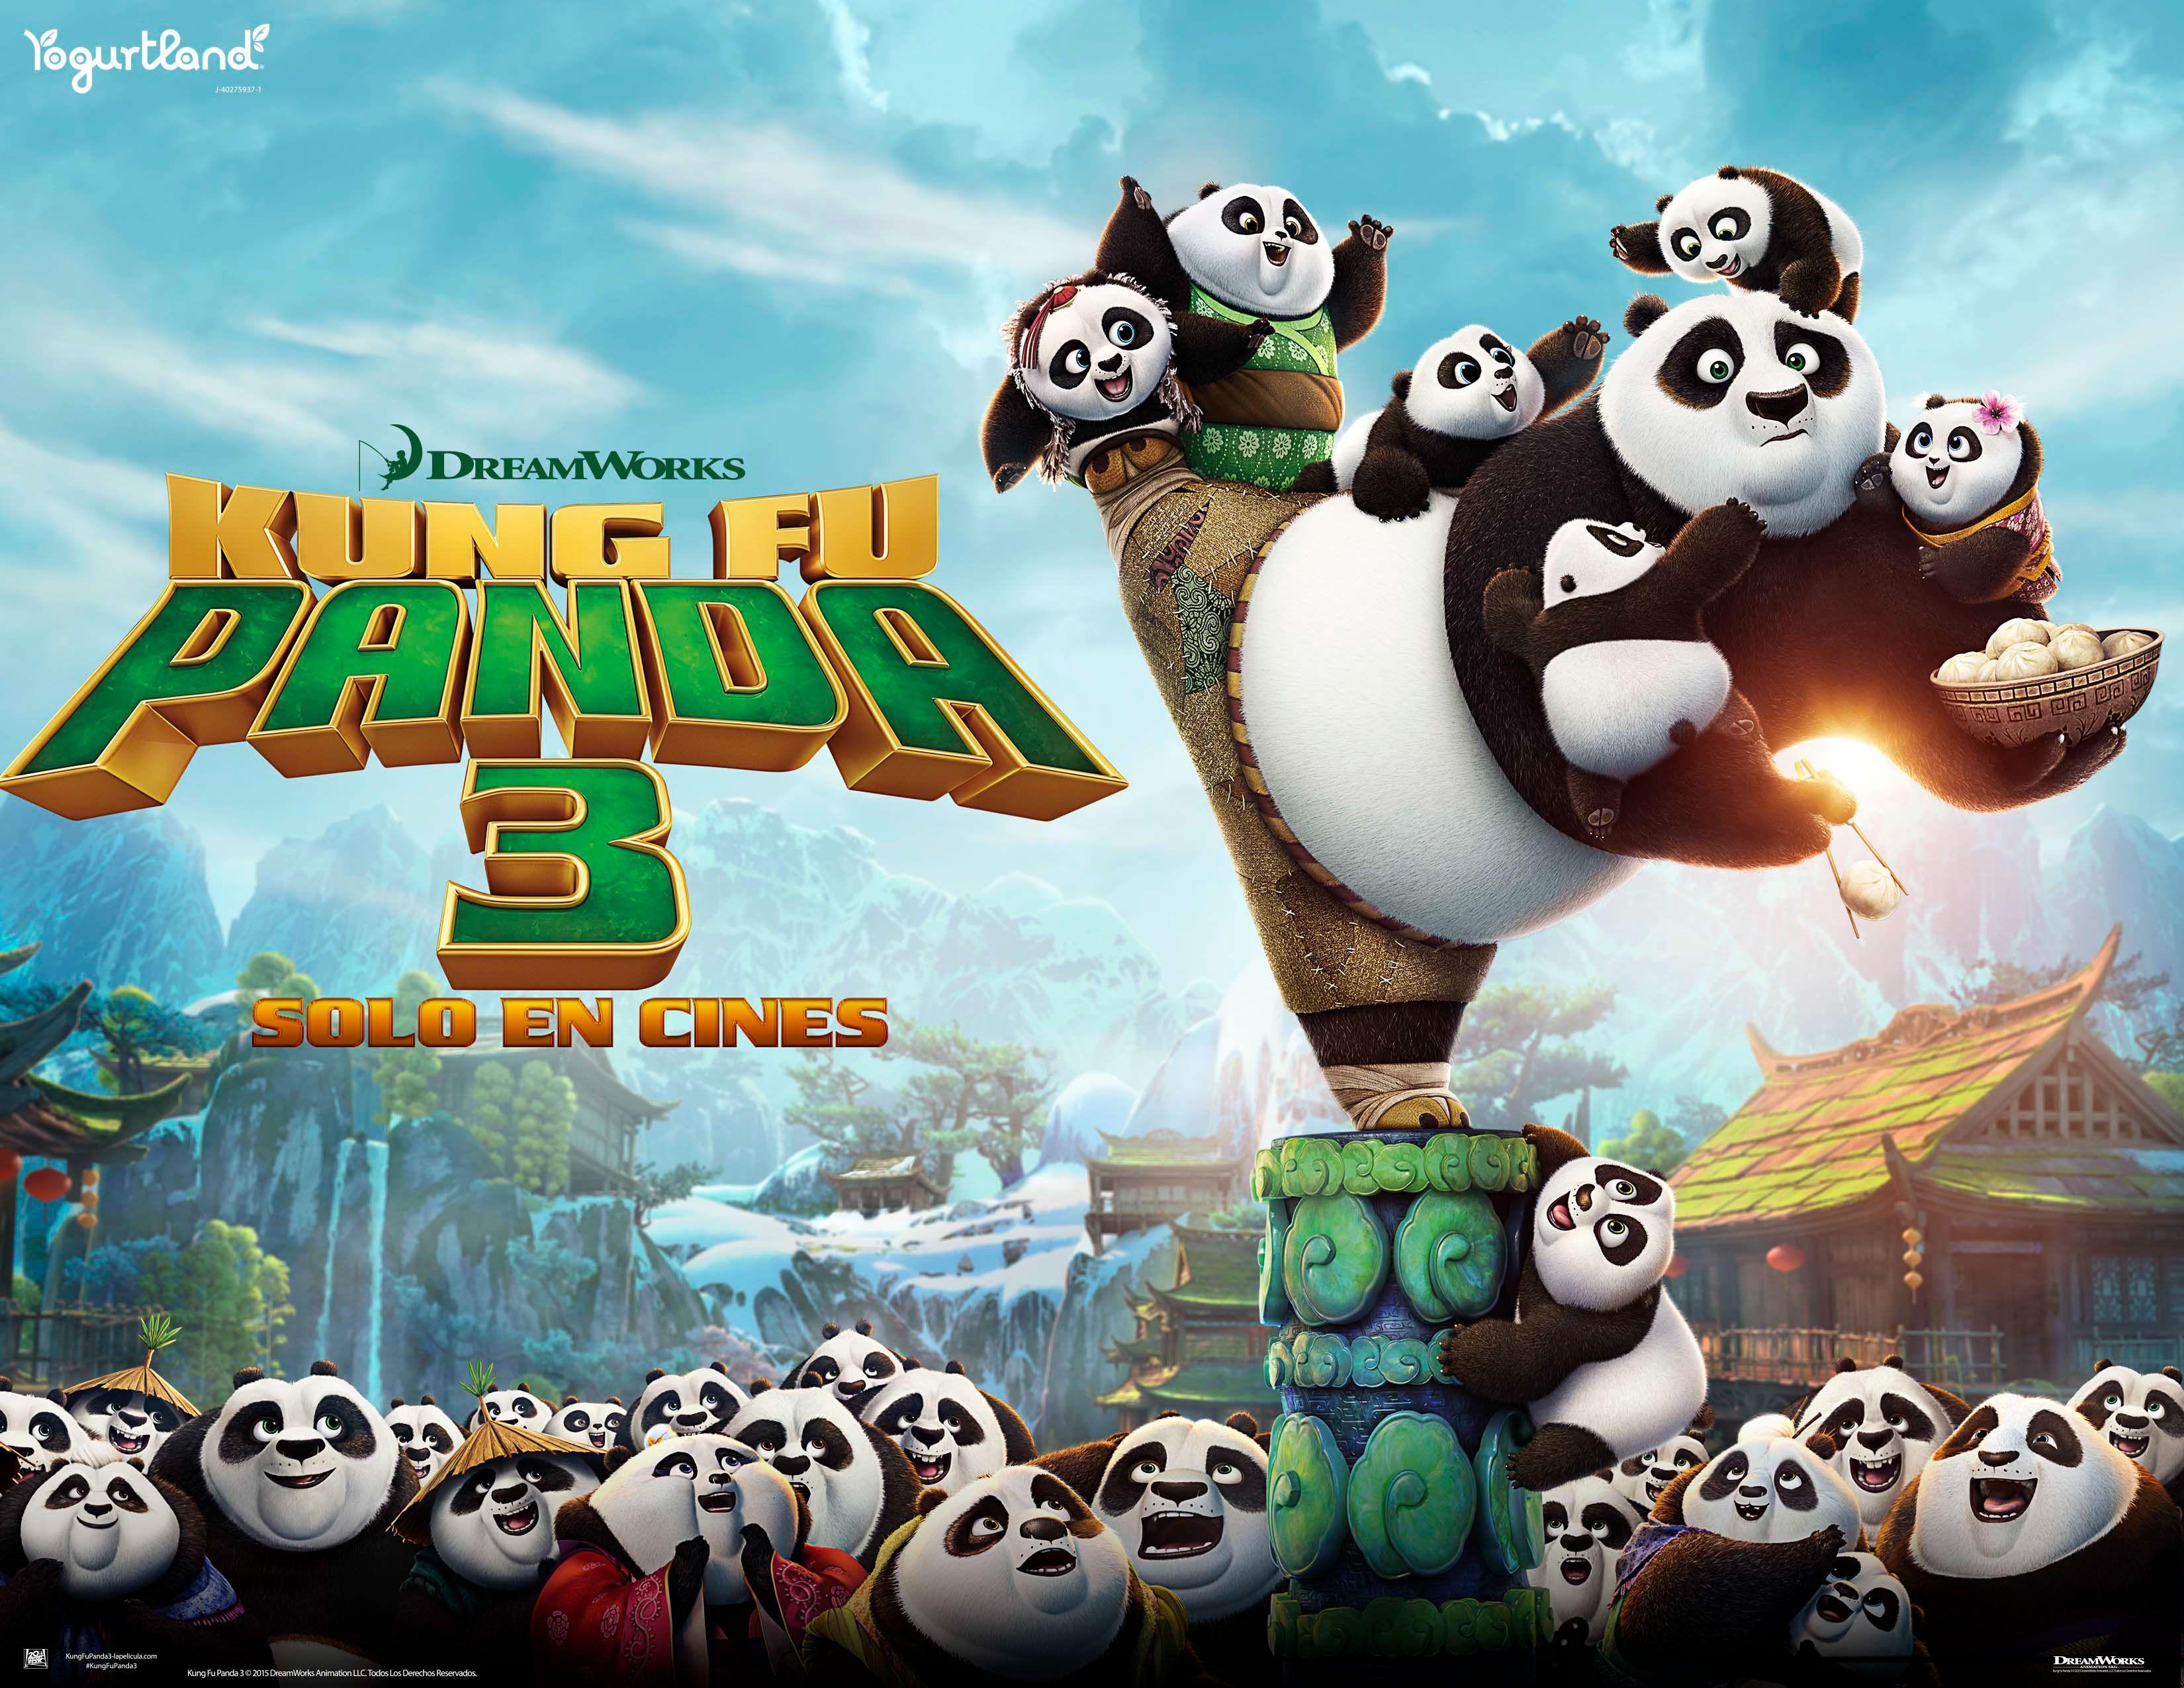 Echa un vistazo a mi proyecto @Behance: \u201cAdaptacion de Artes para Kung Fu Panda 3\u201d https://www.behance.net/gallery/43642801/Adaptacion-de-Artes-para-Kung-Fu-Panda-3